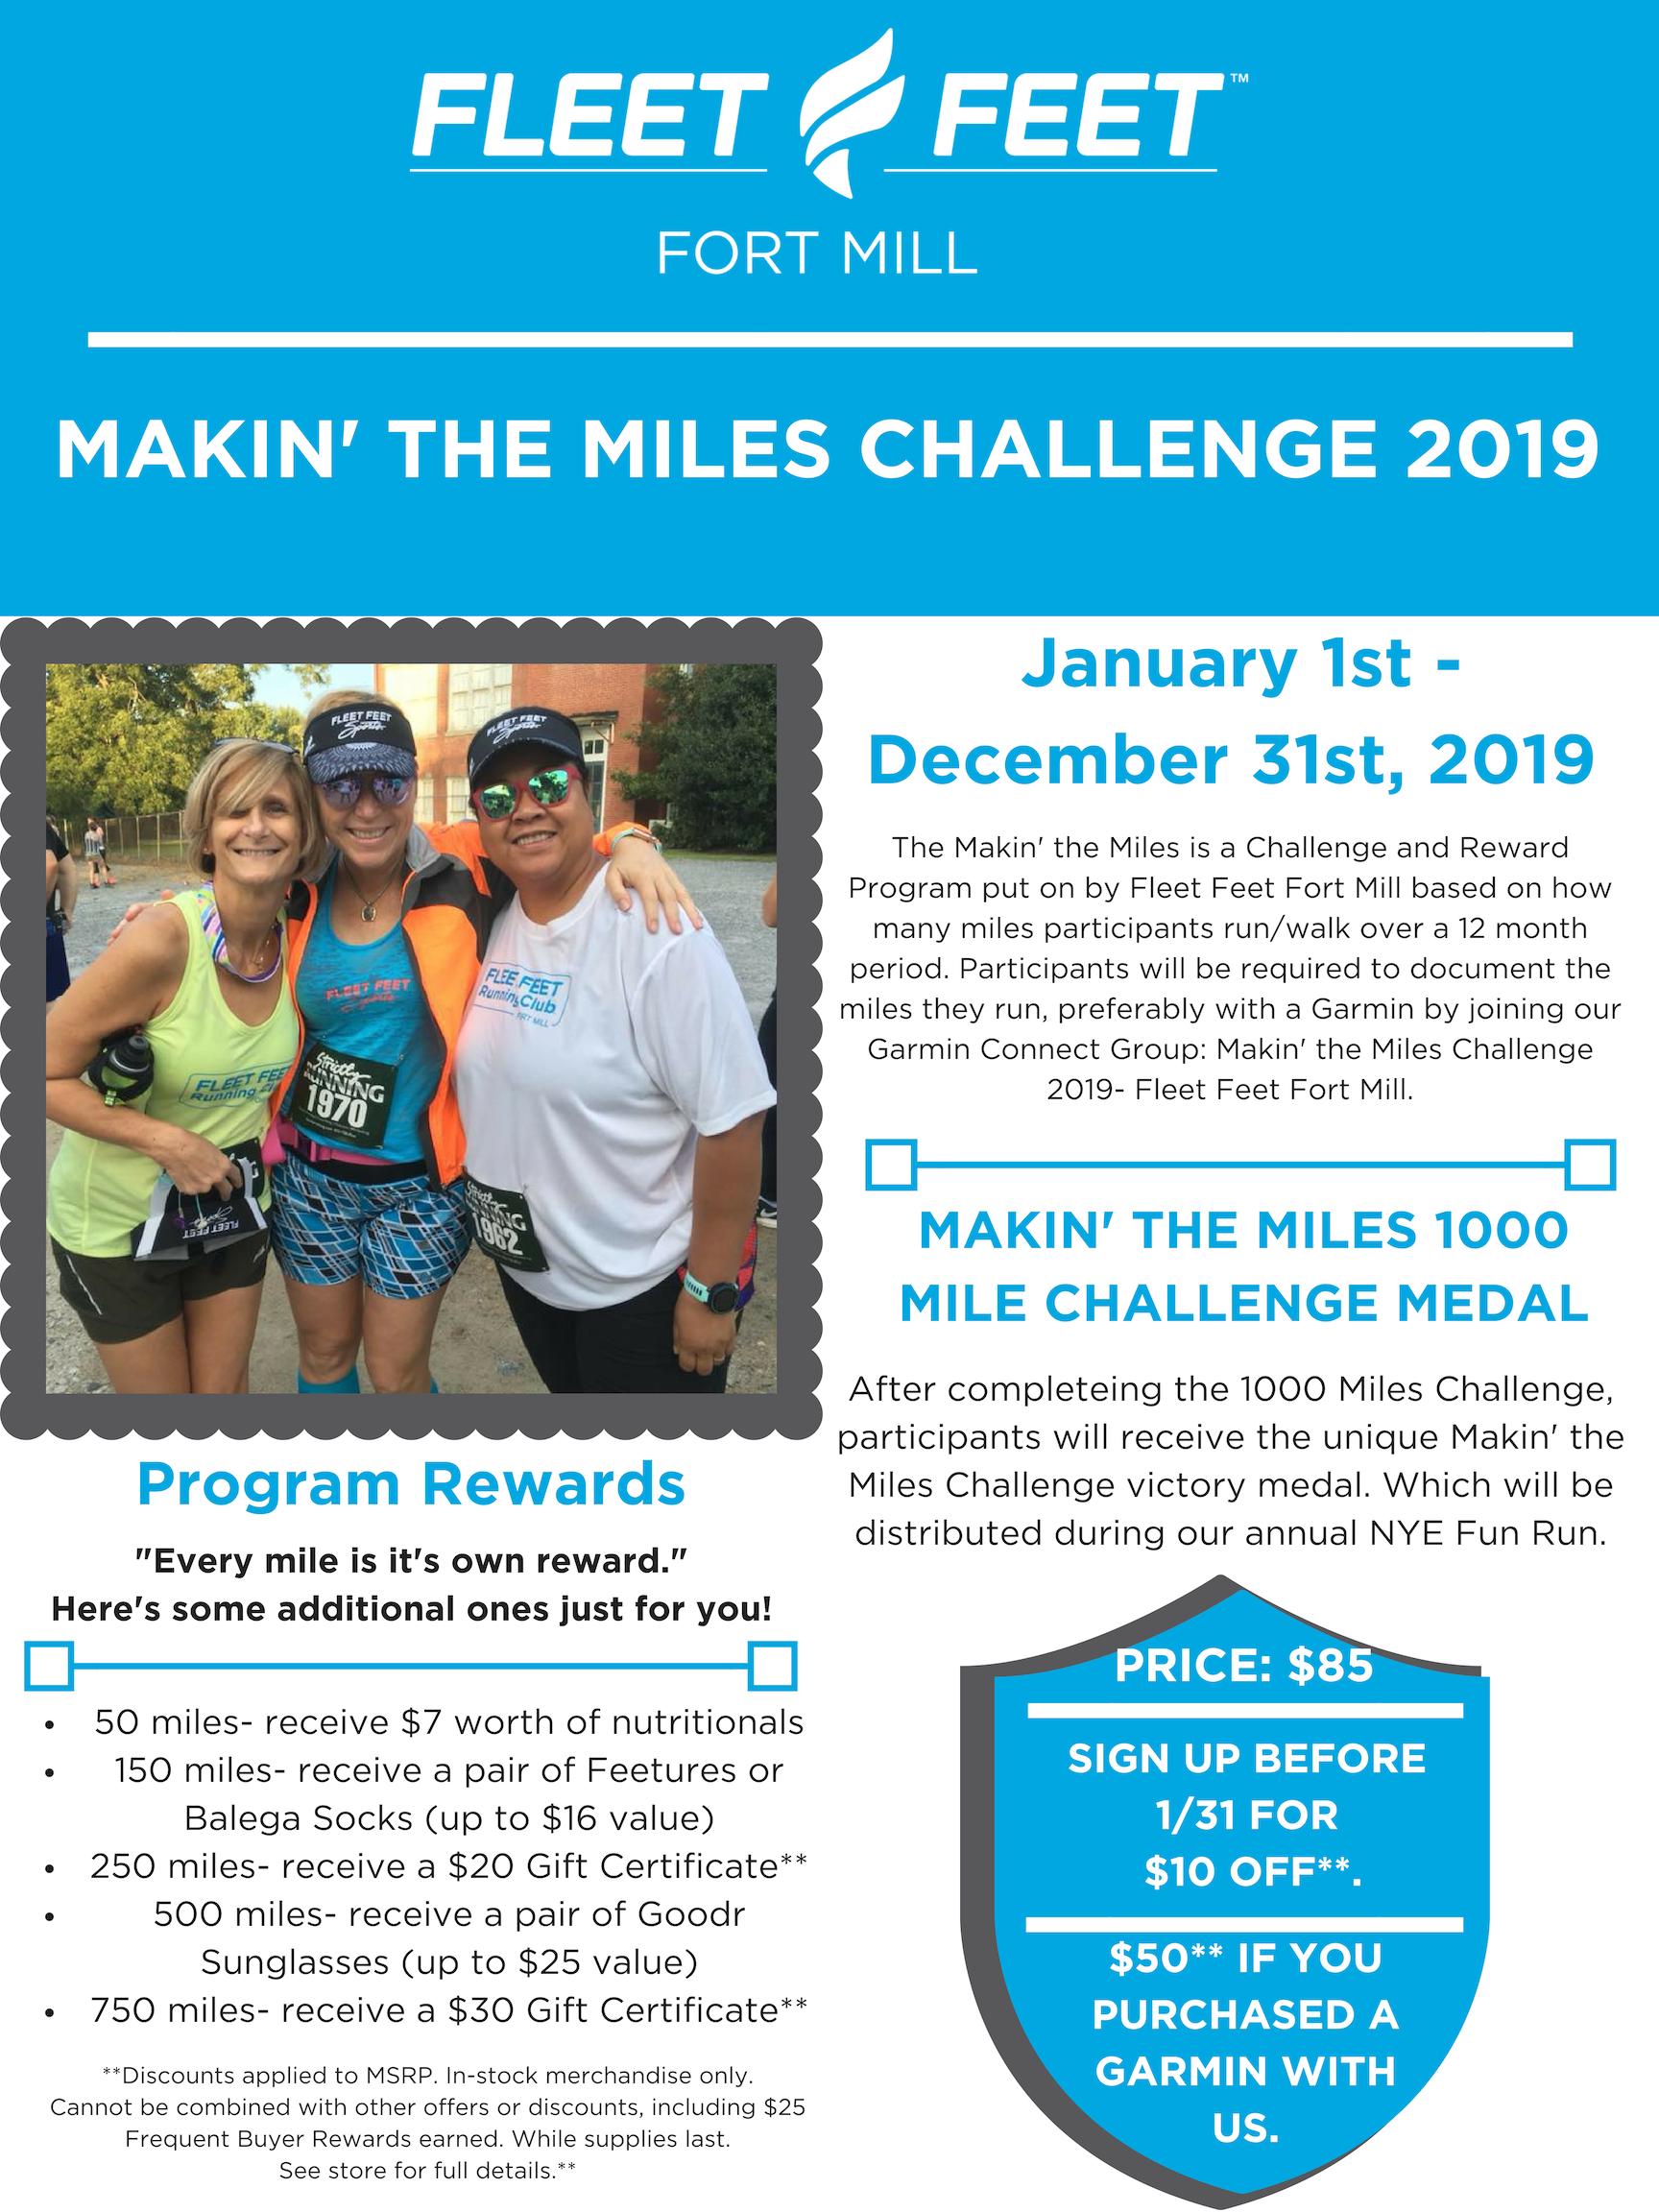 Makin' the Miles Challenge 2019